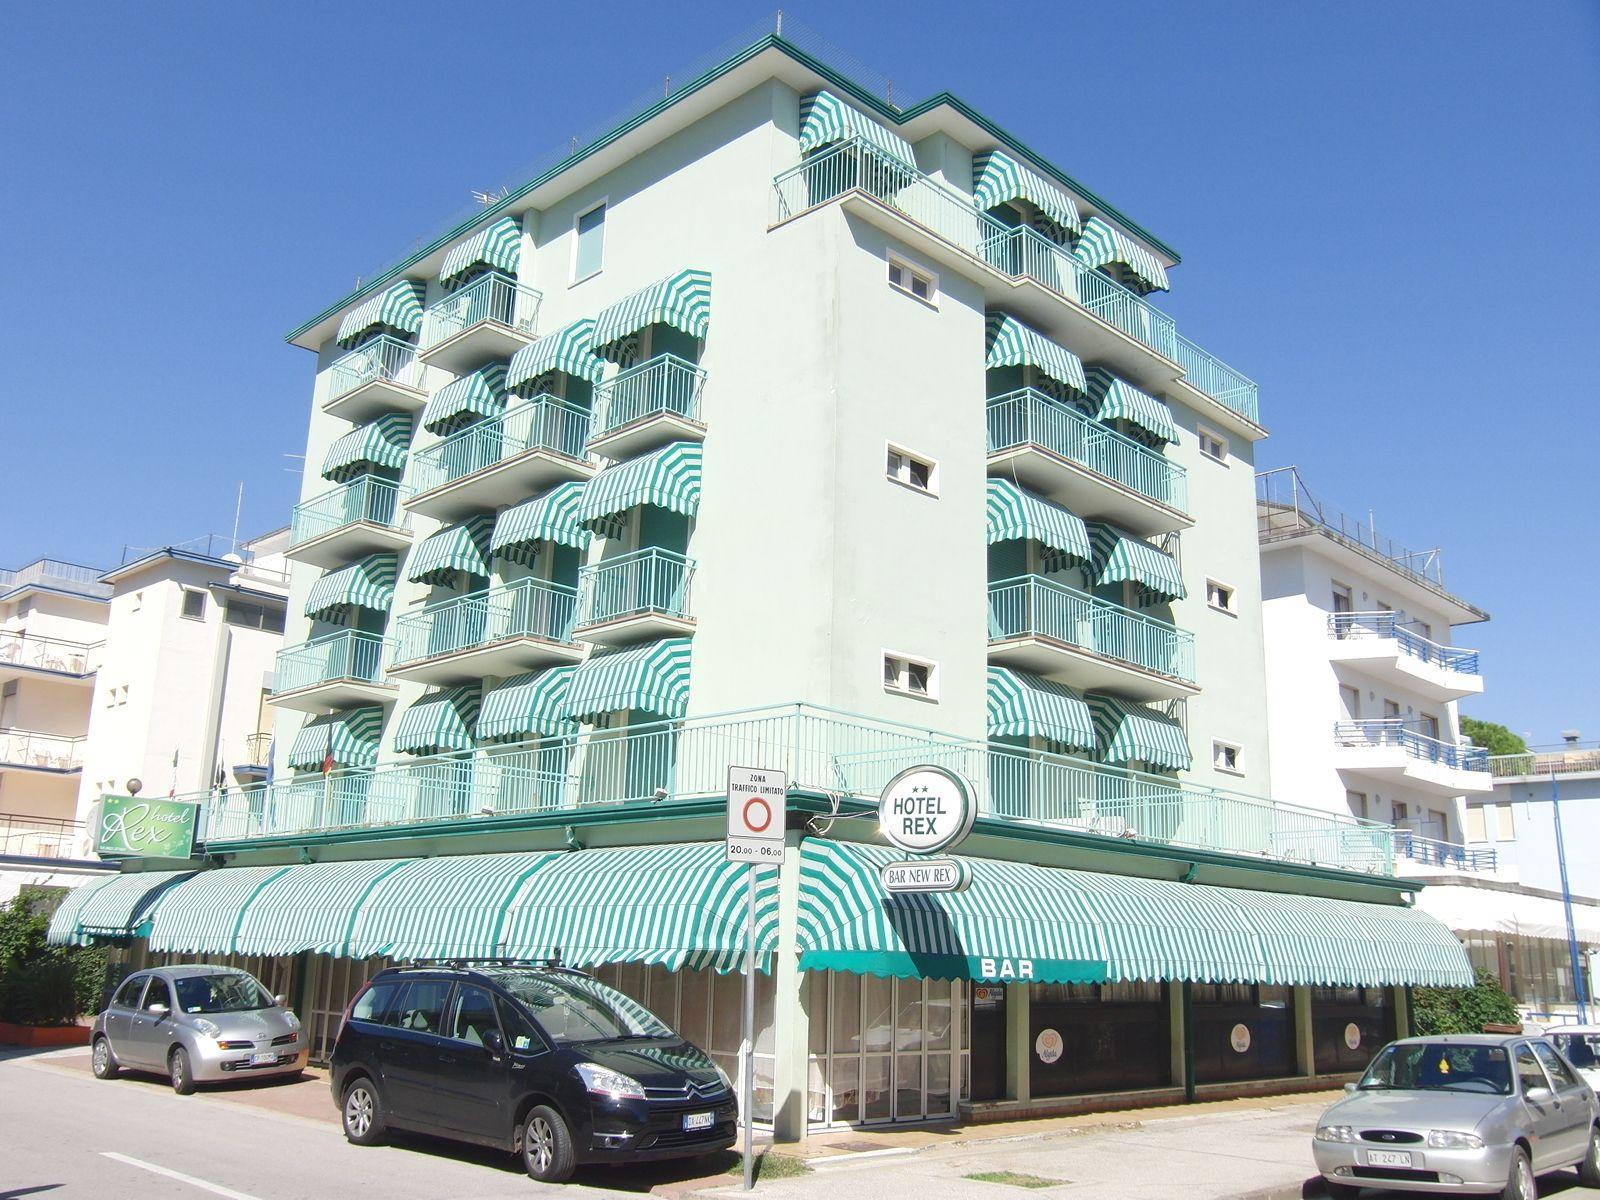 Hotel rex jesolo hotel 2 stelle jesolo - Hotel jesolo 3 stelle con piscina pensione completa ...